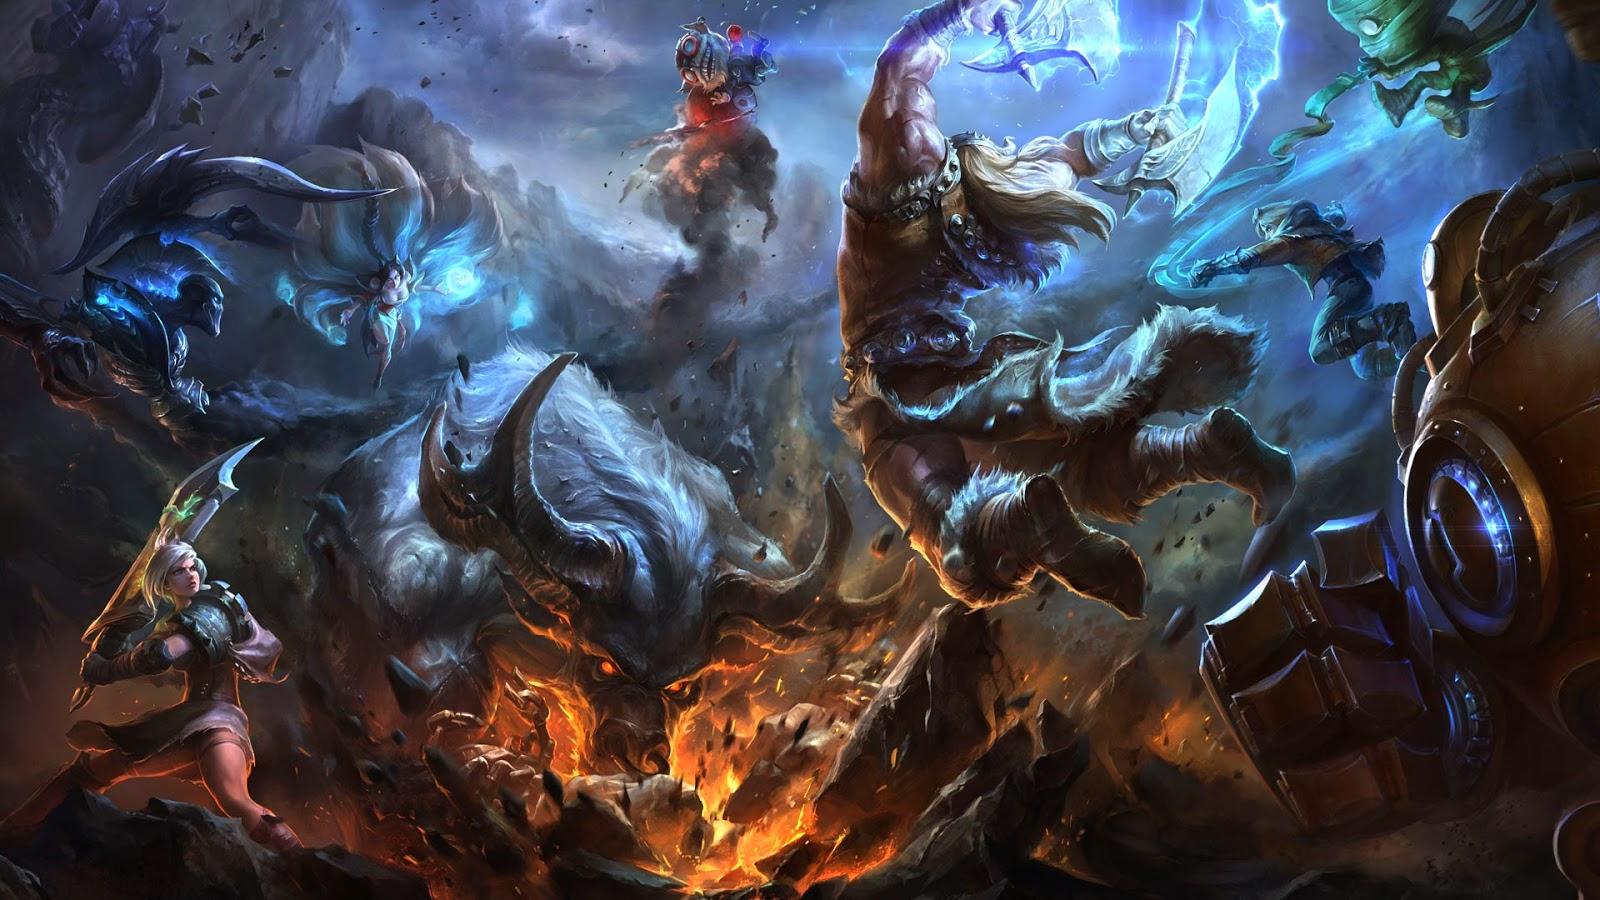 Beautiful Lux Lol Wallpapers Hd Te Olaf League Of Legends Wallpaper Desktop 1600x900